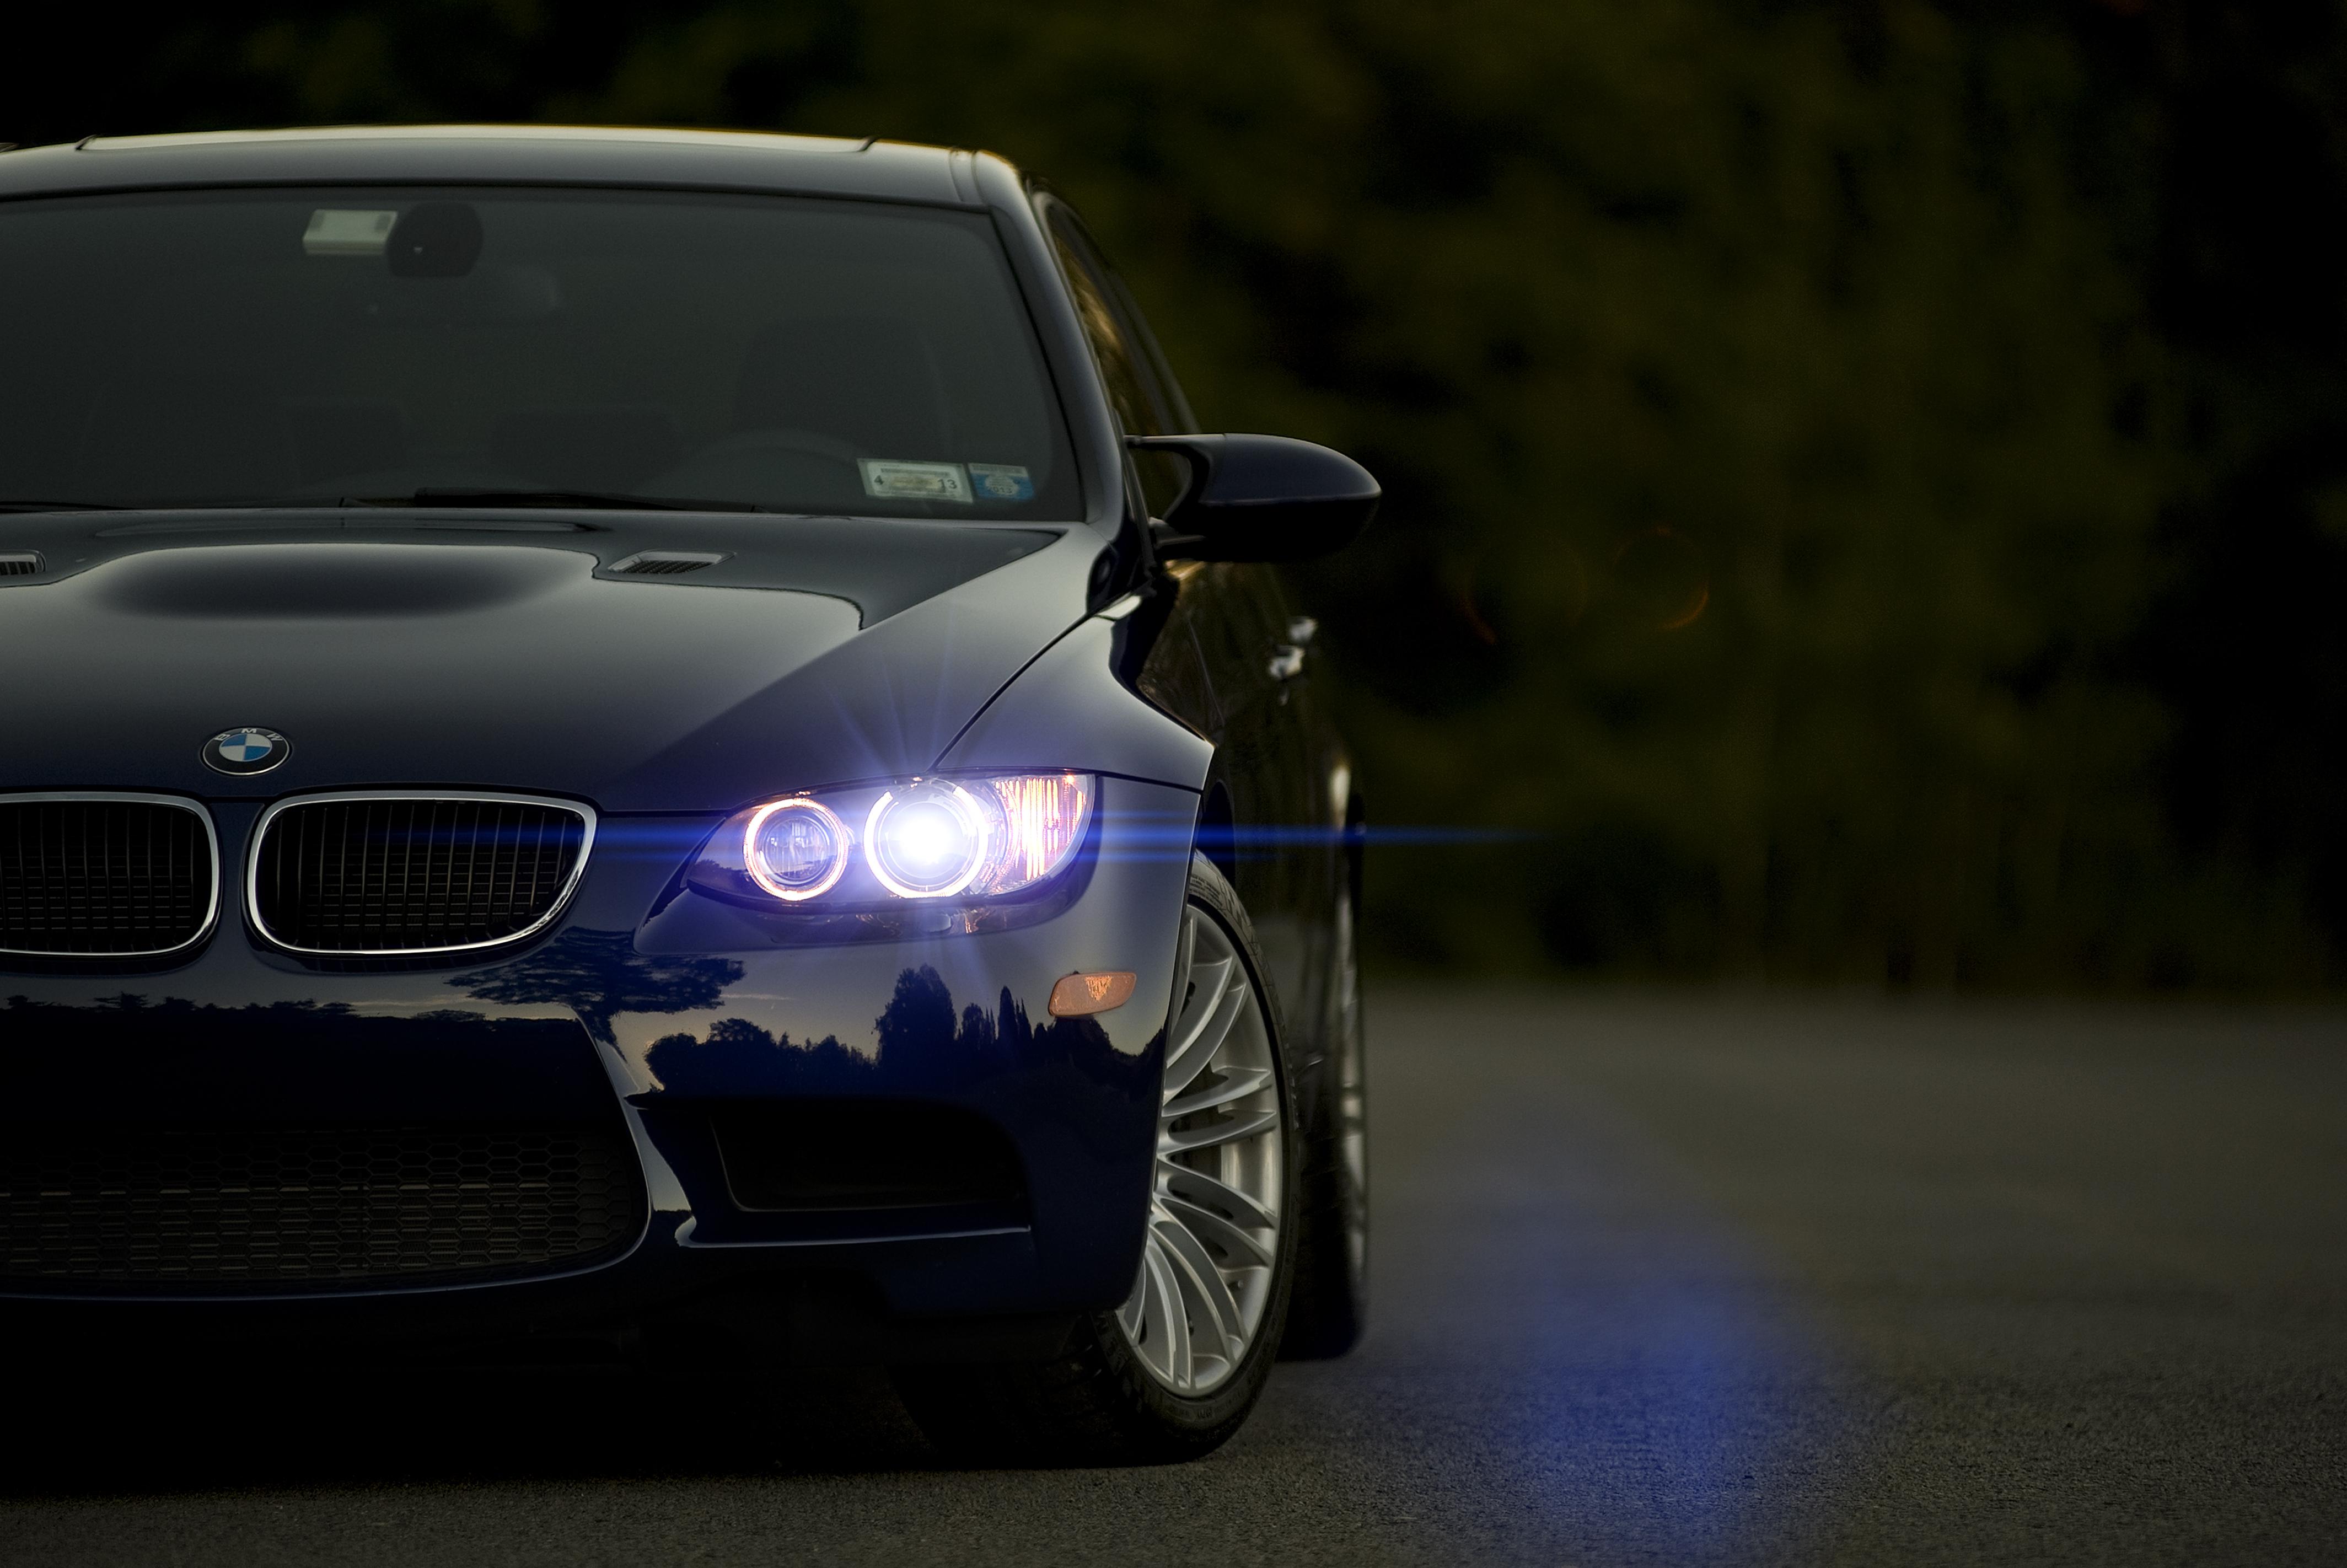 черно-бело фото BMW  № 2422817 бесплатно